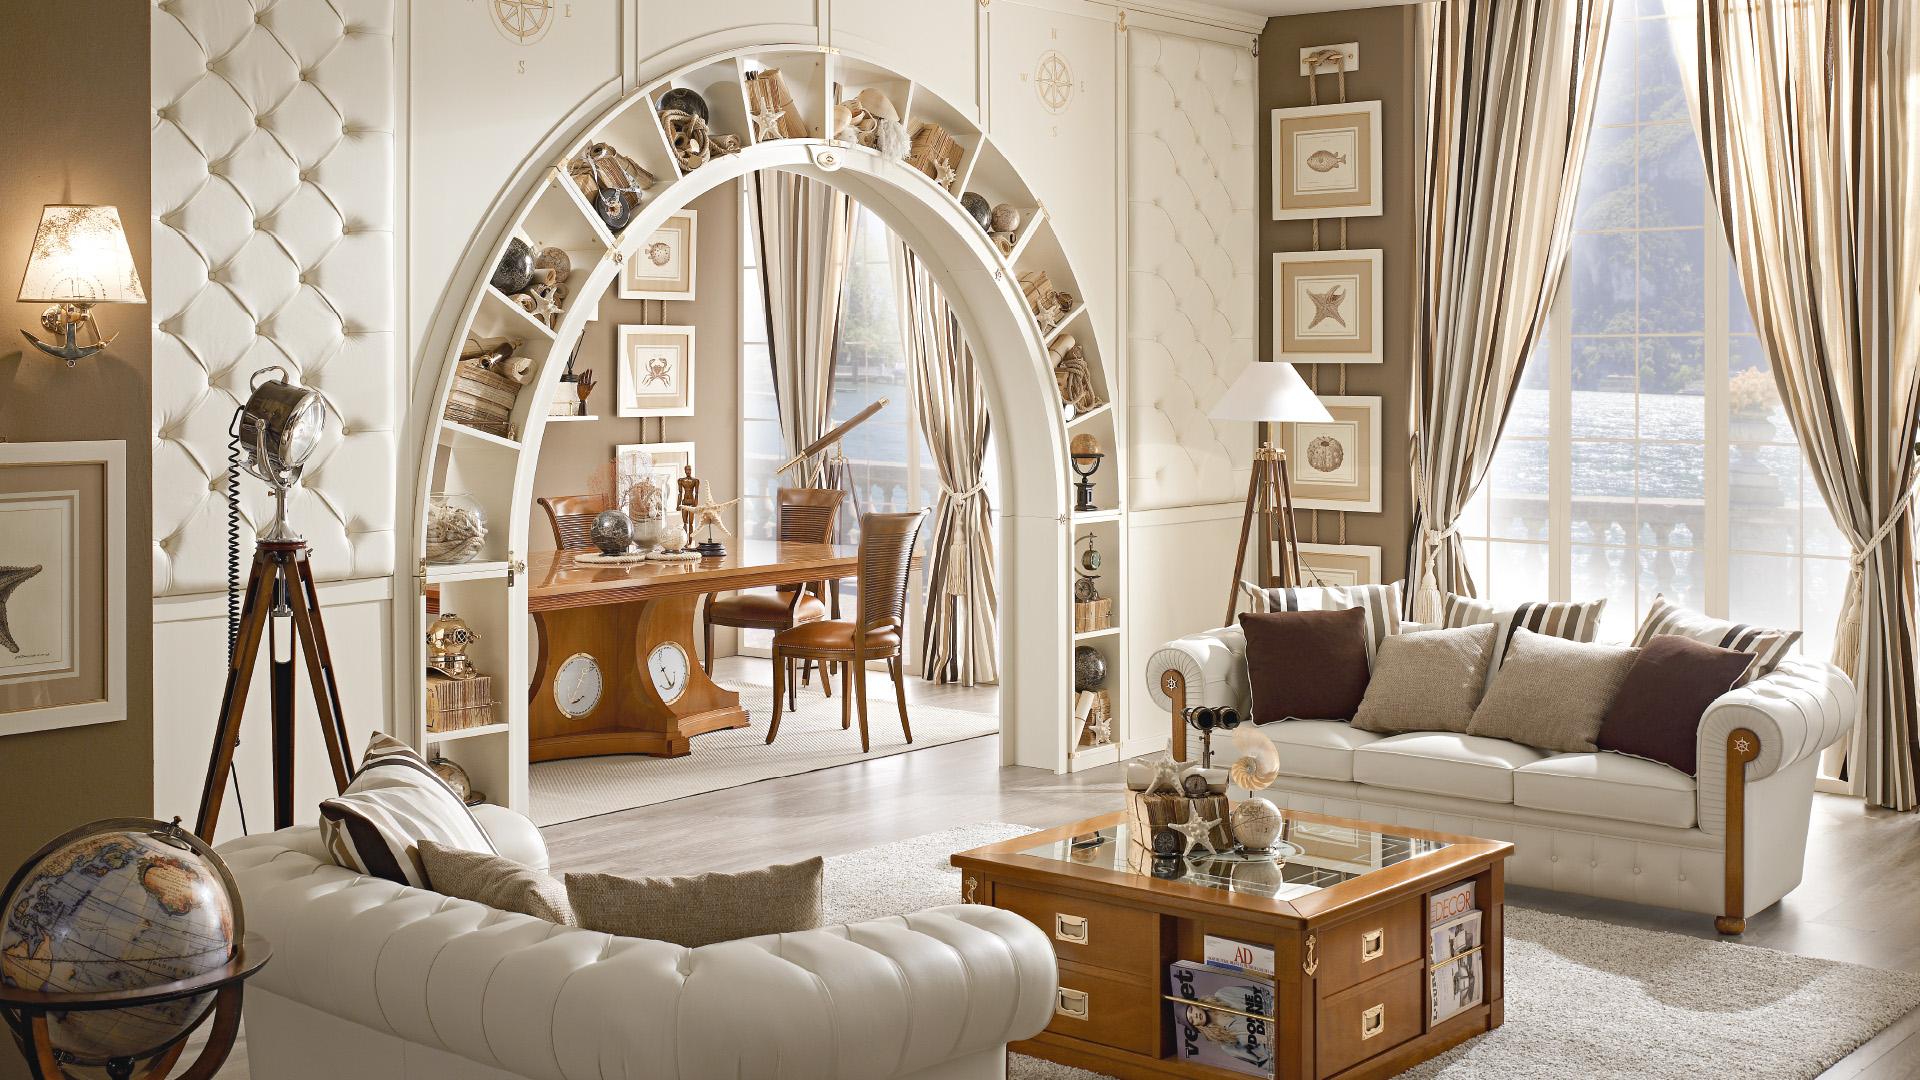 Awesome Mobili Stile Marina Contemporary - Amazing House Design ...